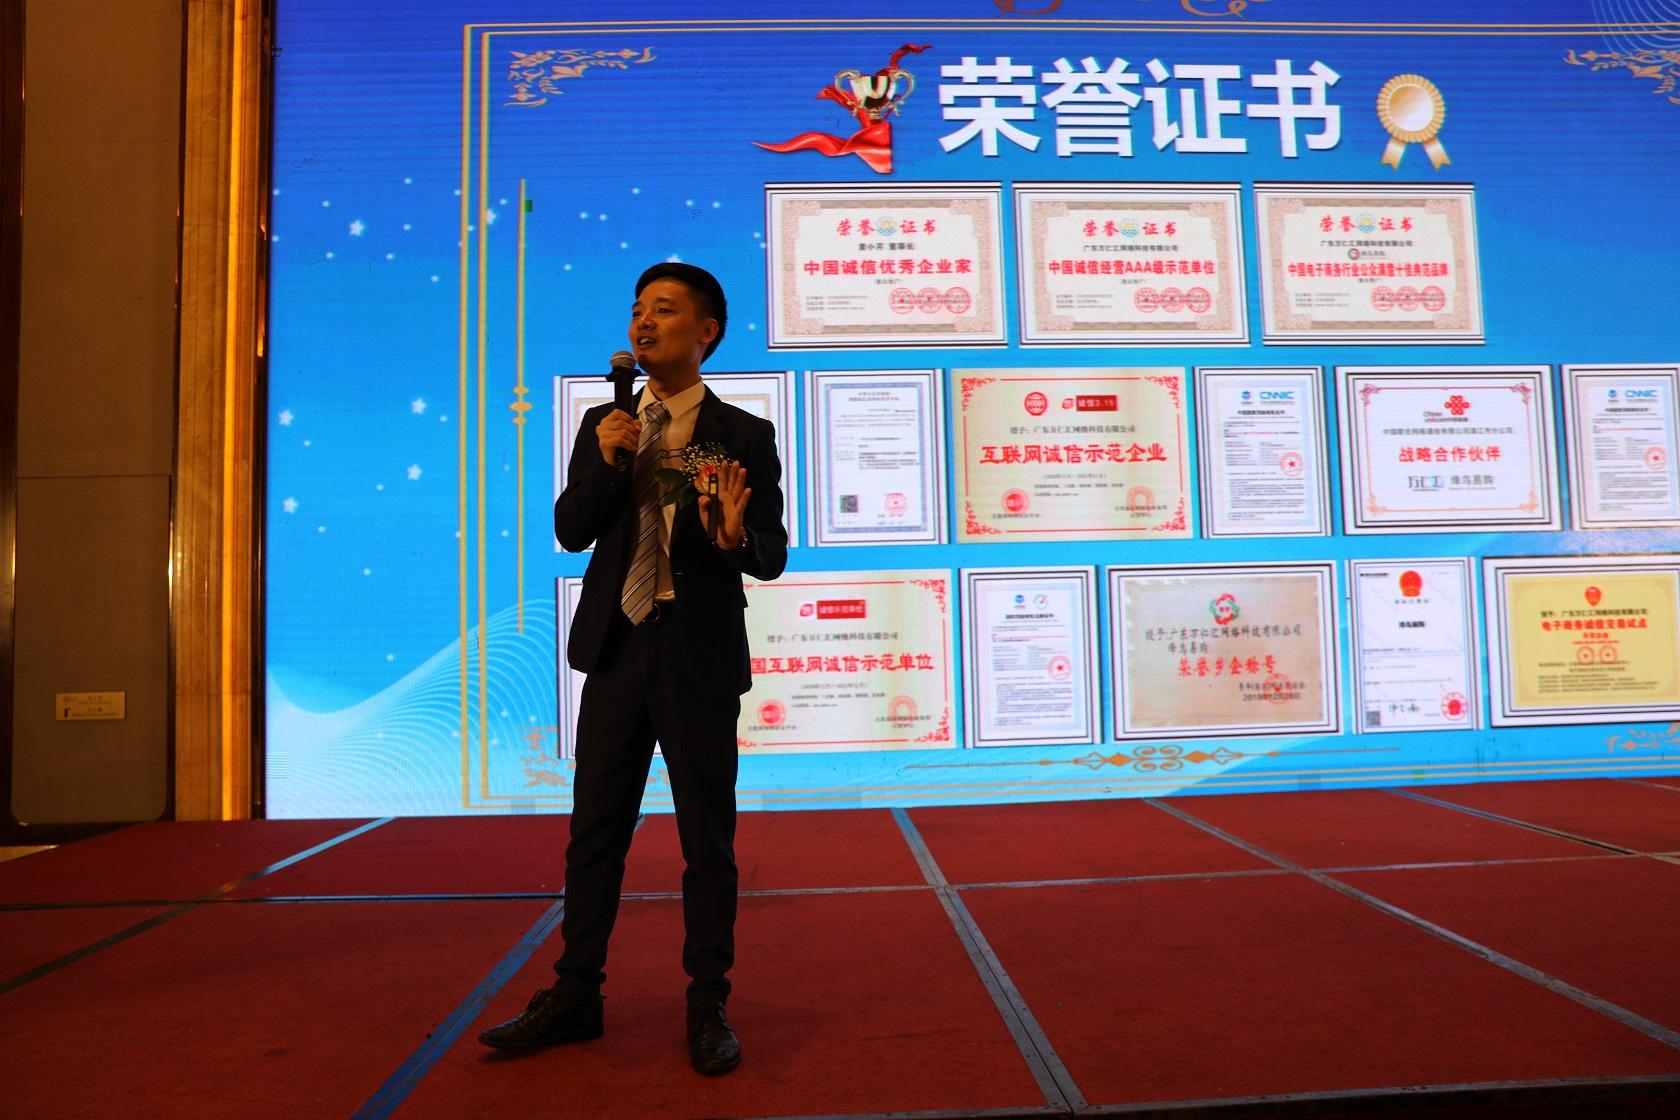 央媒时代TOP:广东万仁汇借力资本市场扬帆起航